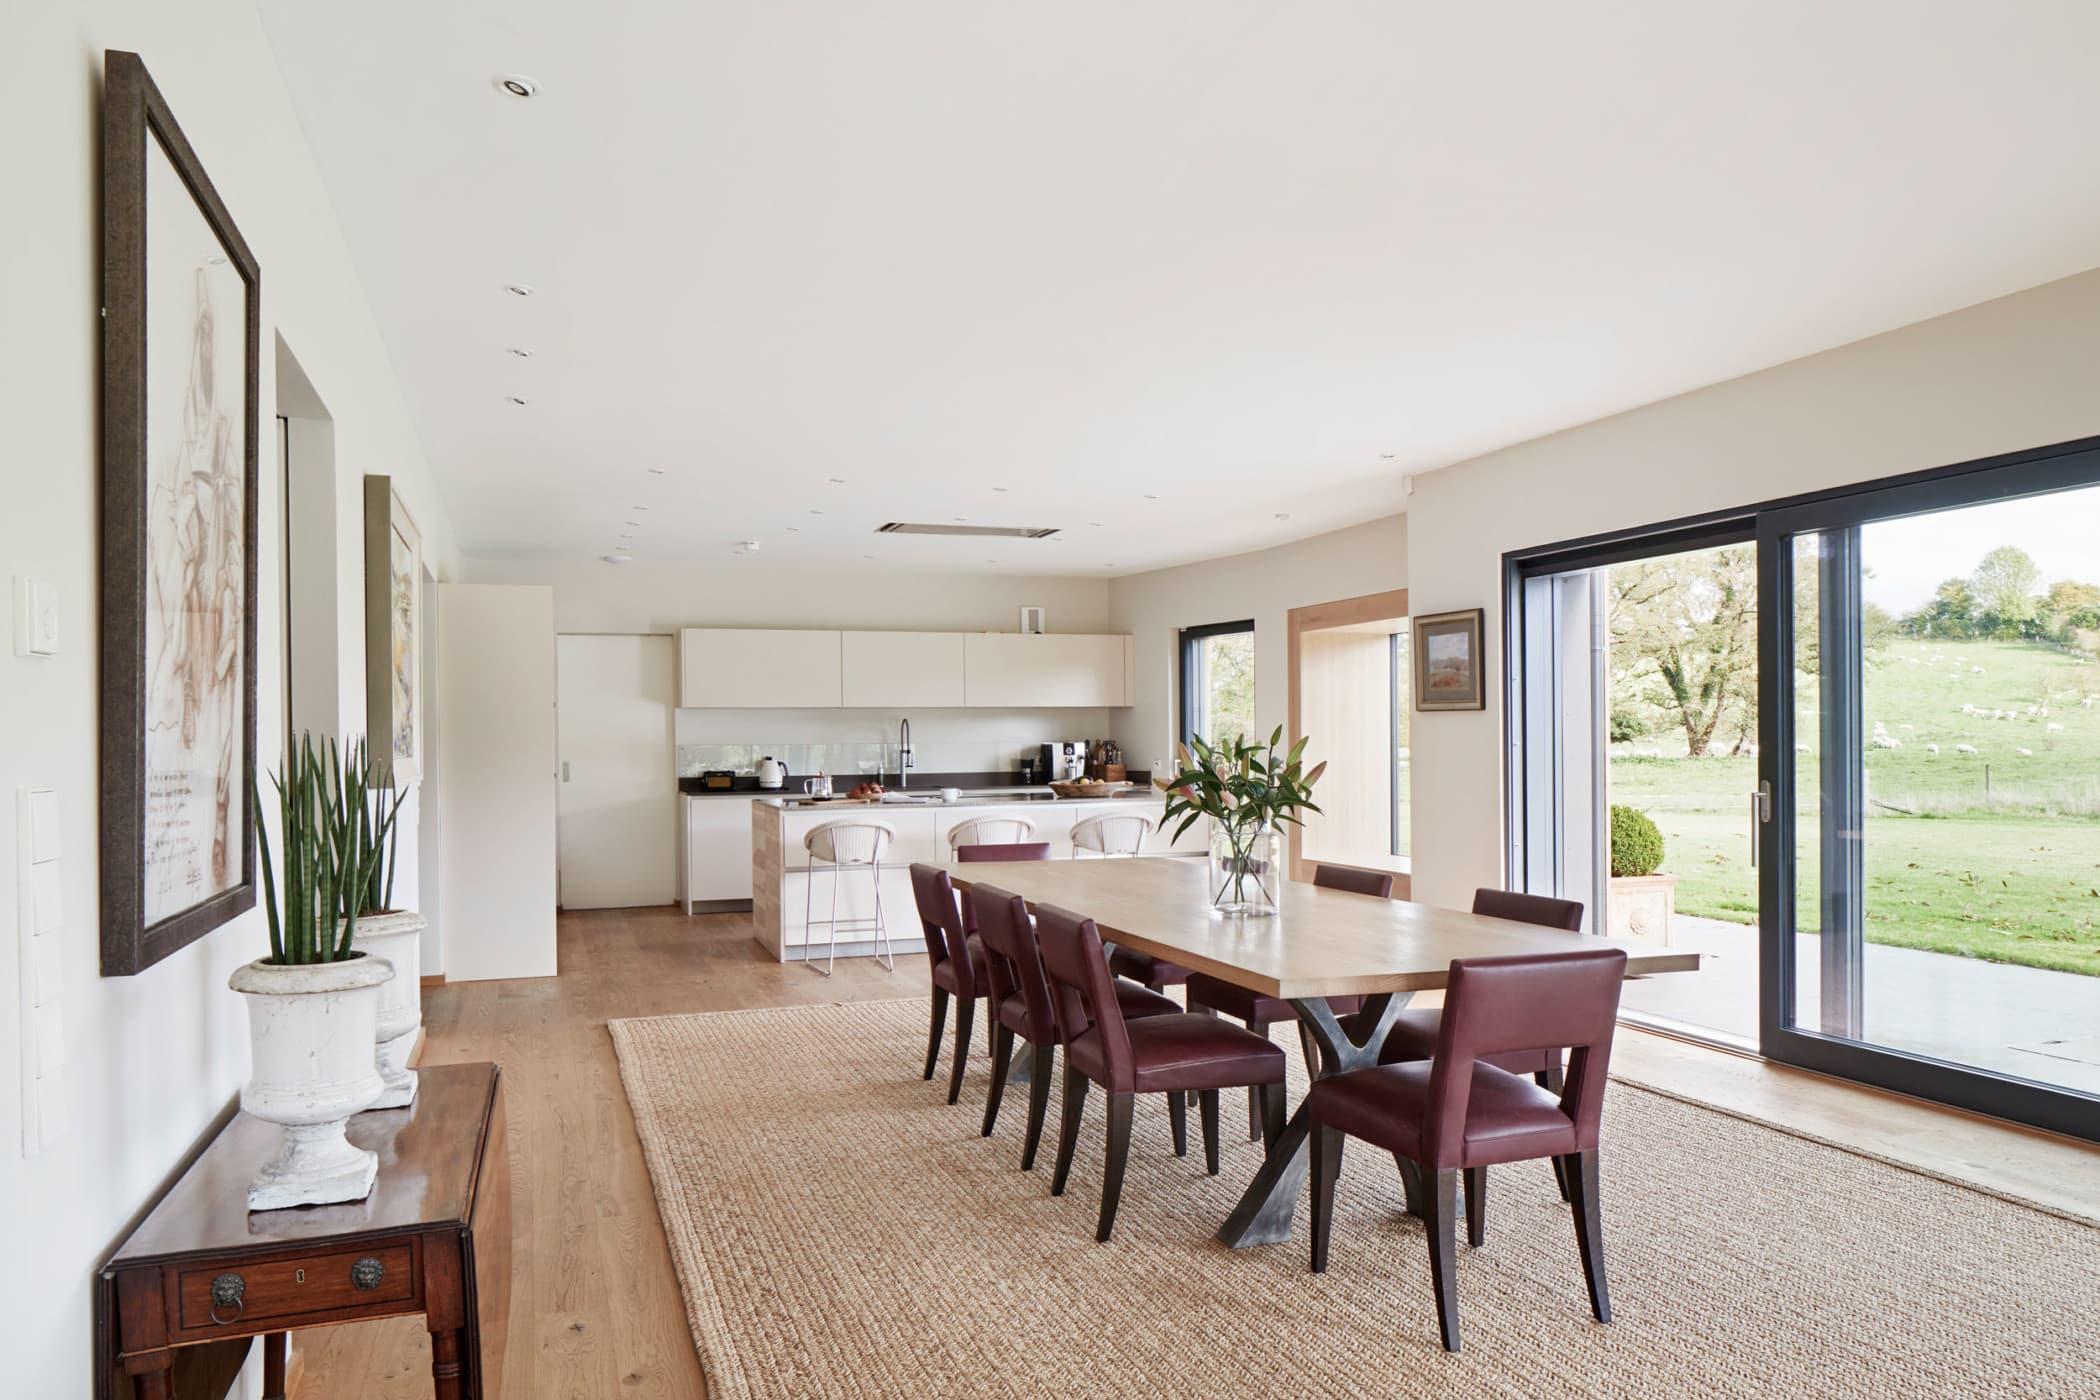 Offenes Esszimmer mit Küche - Inneneinrichtung Haus Design Ideen innen Baufritz Landhaus LLOYD WEBBER - HausbauDirekt.de